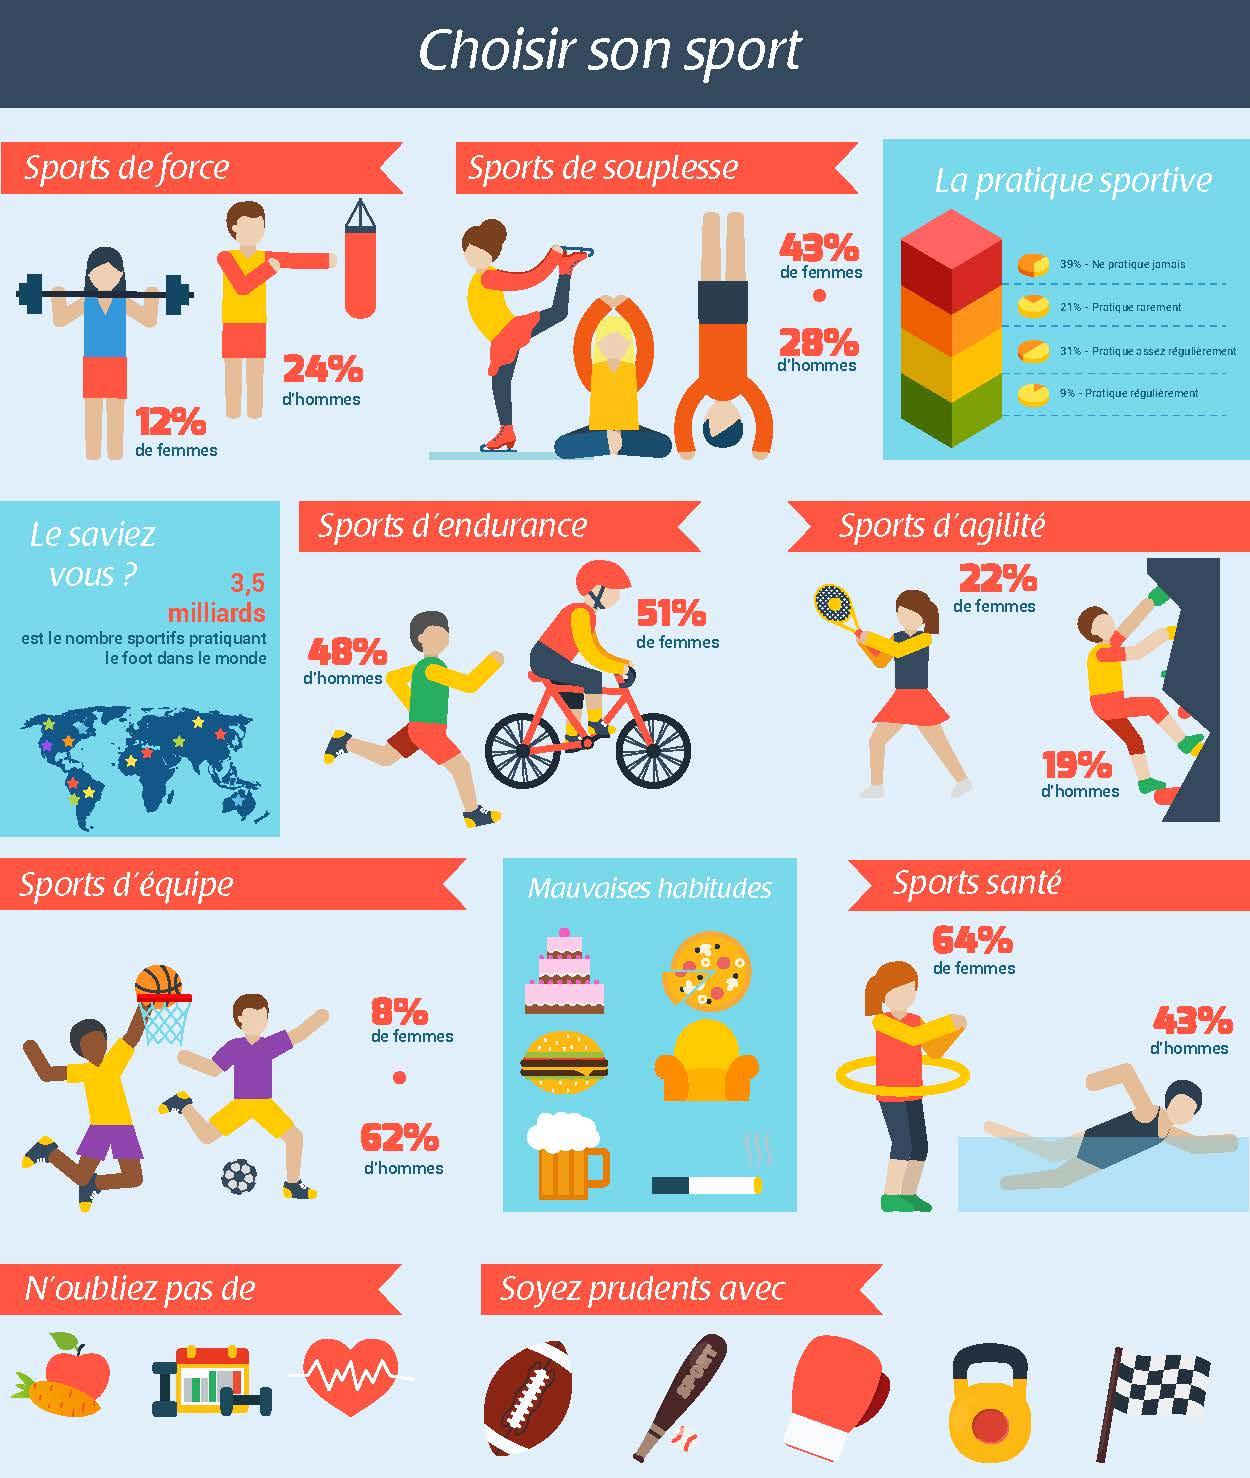 Infographie choisir son sport